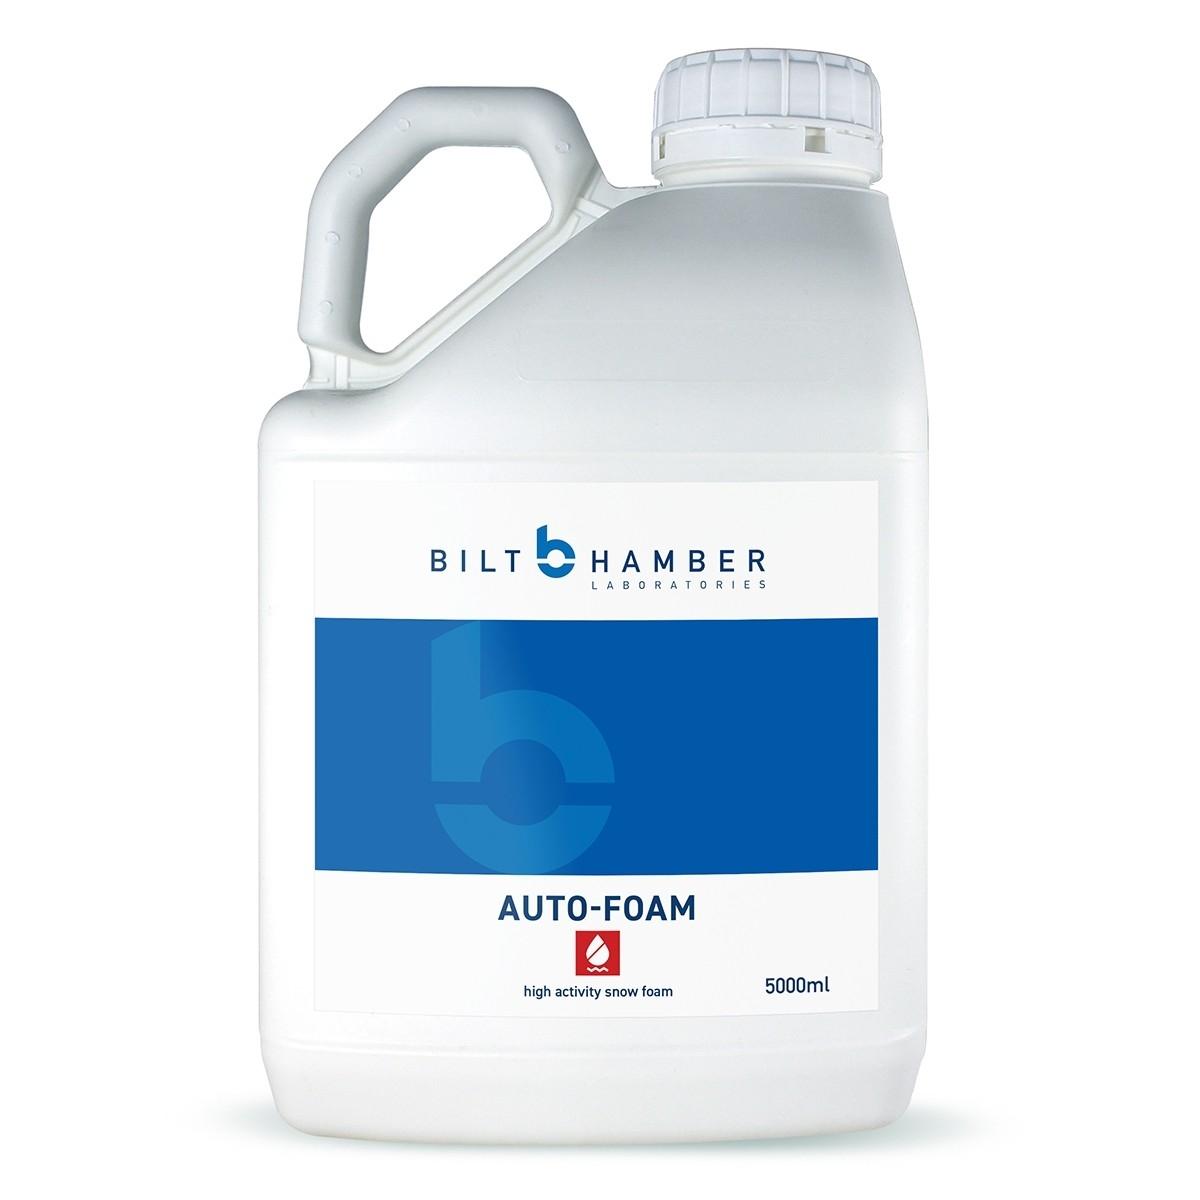 Förtvättsmedel Bilt Hamber Auto-Foam, 5000 ml